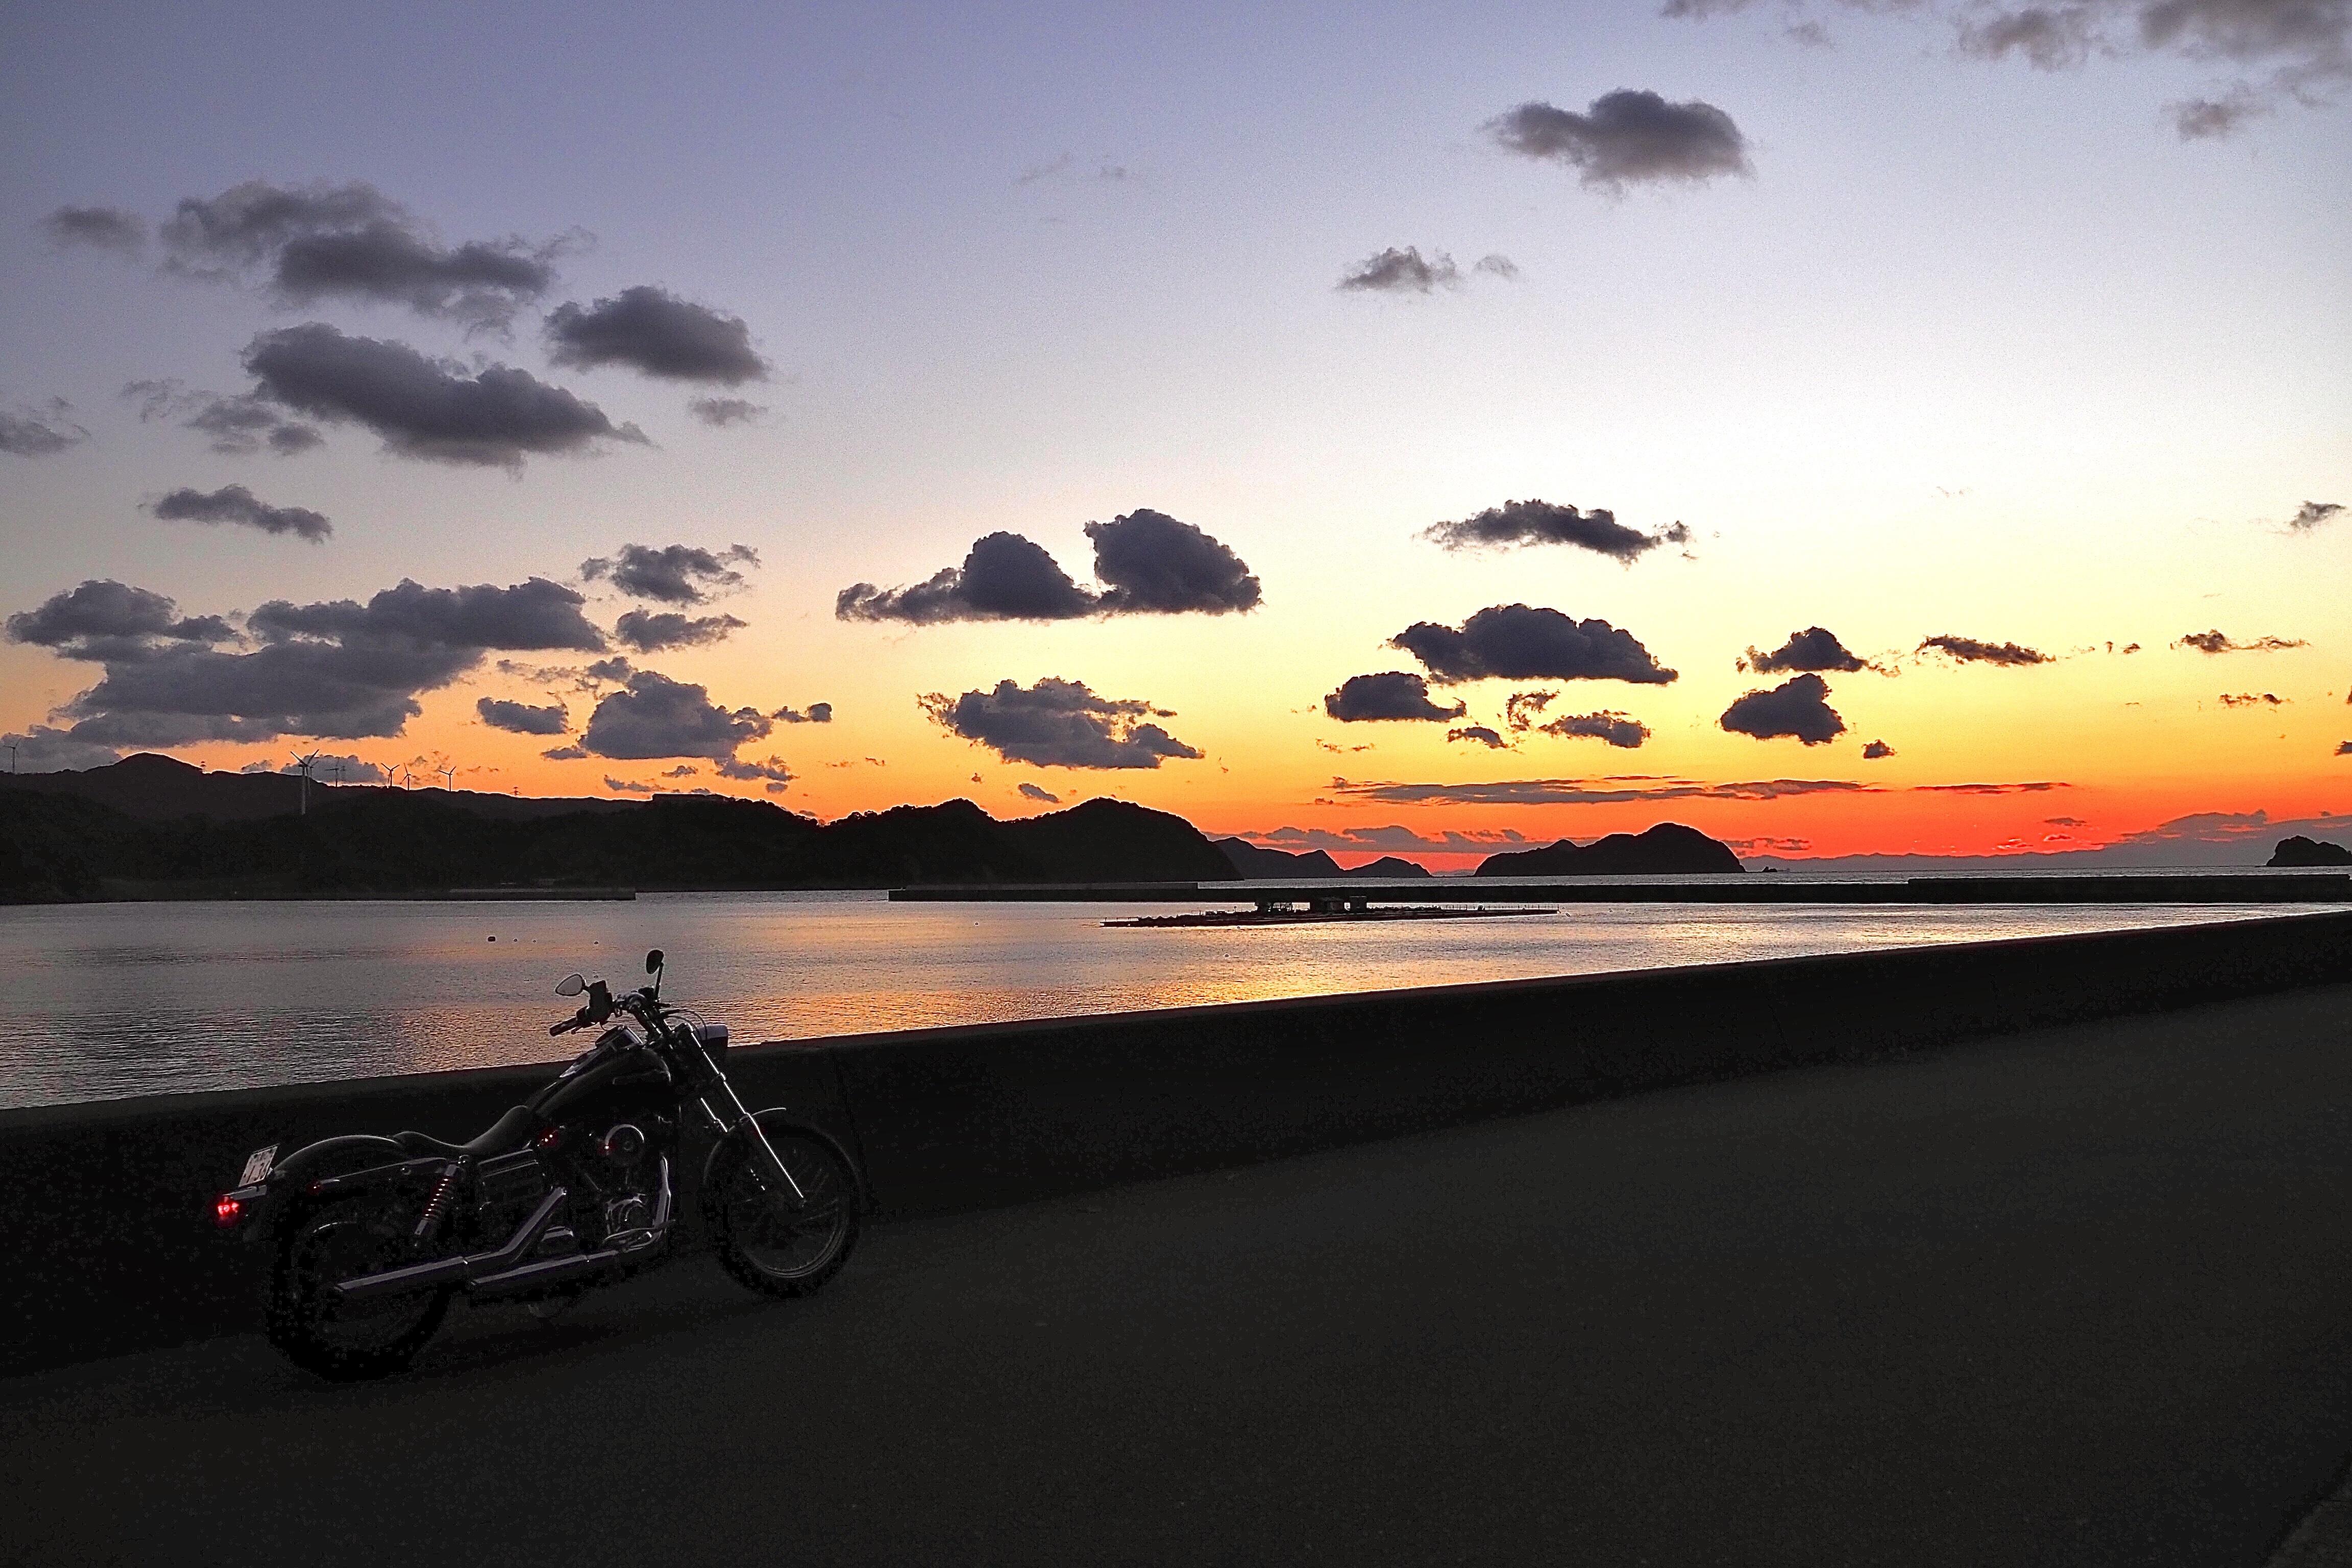 和歌山 湯浅町 湯浅湾 ハーレー 夕焼け サンセット